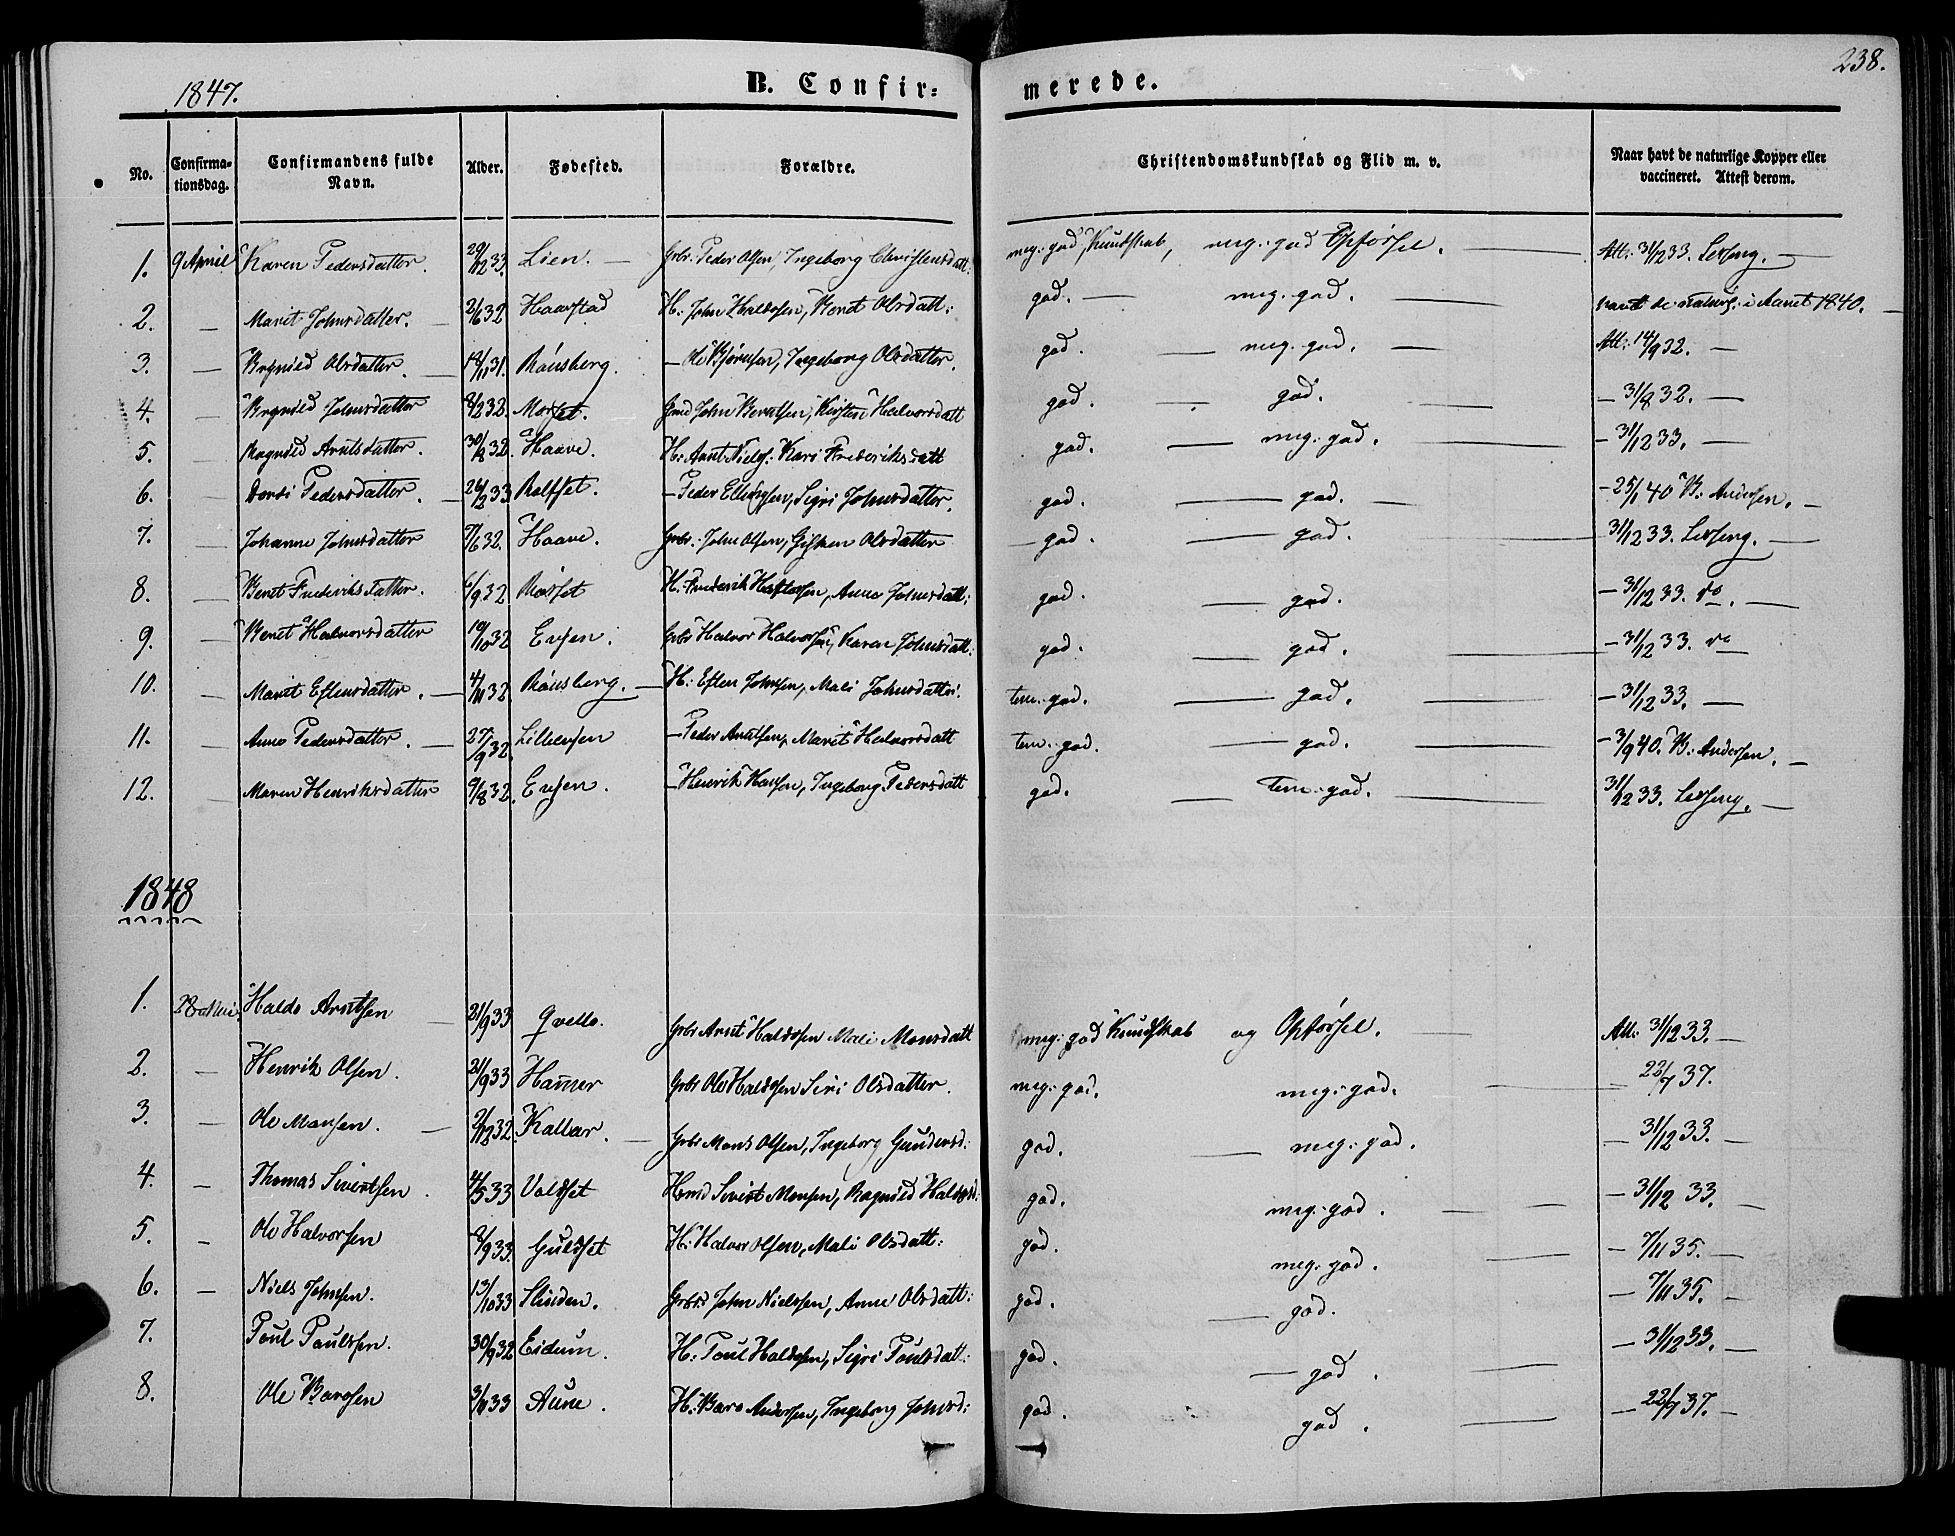 SAT, Ministerialprotokoller, klokkerbøker og fødselsregistre - Sør-Trøndelag, 695/L1145: Ministerialbok nr. 695A06 /1, 1843-1859, s. 238